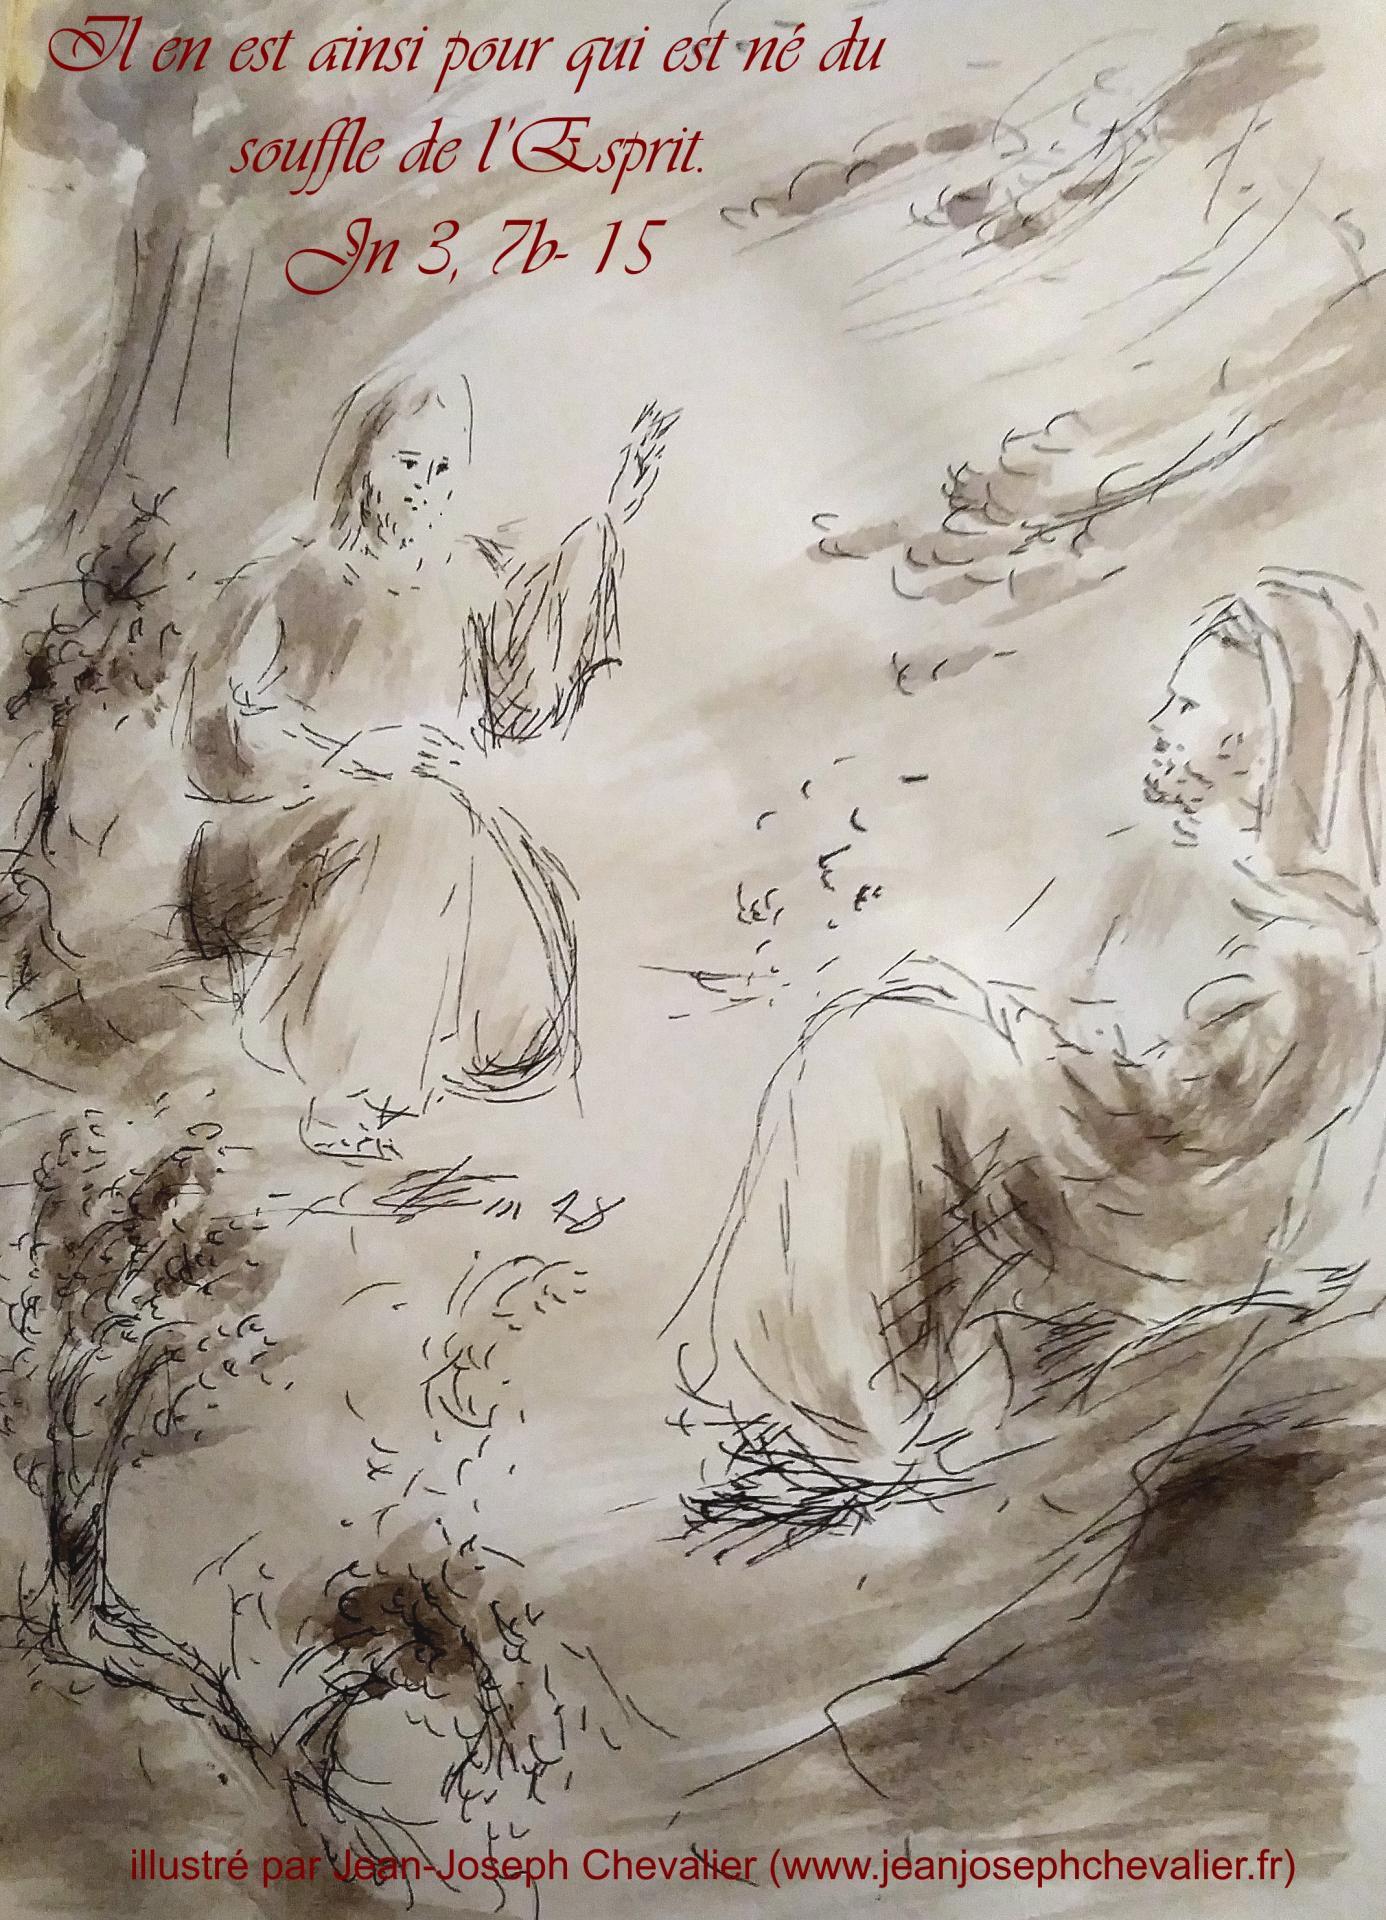 10 avril 2018 evangile du jour illustre par un dessin au lavis de jean joseph chevalier image